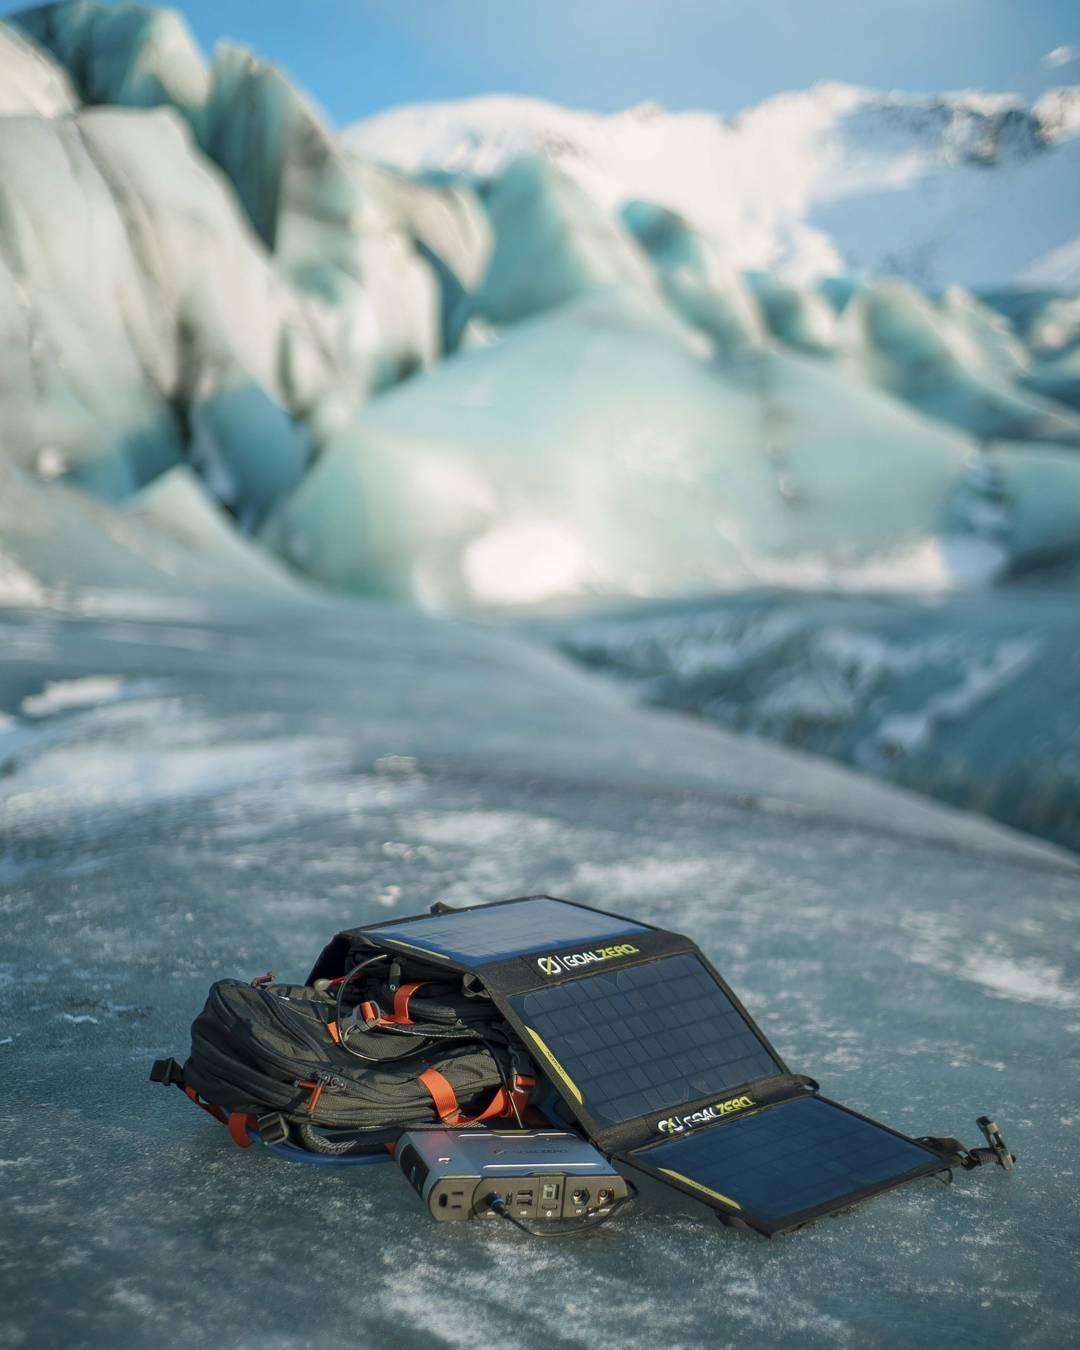 @andy_best's Sherpa 100 Kit on ice. #getoutstayout